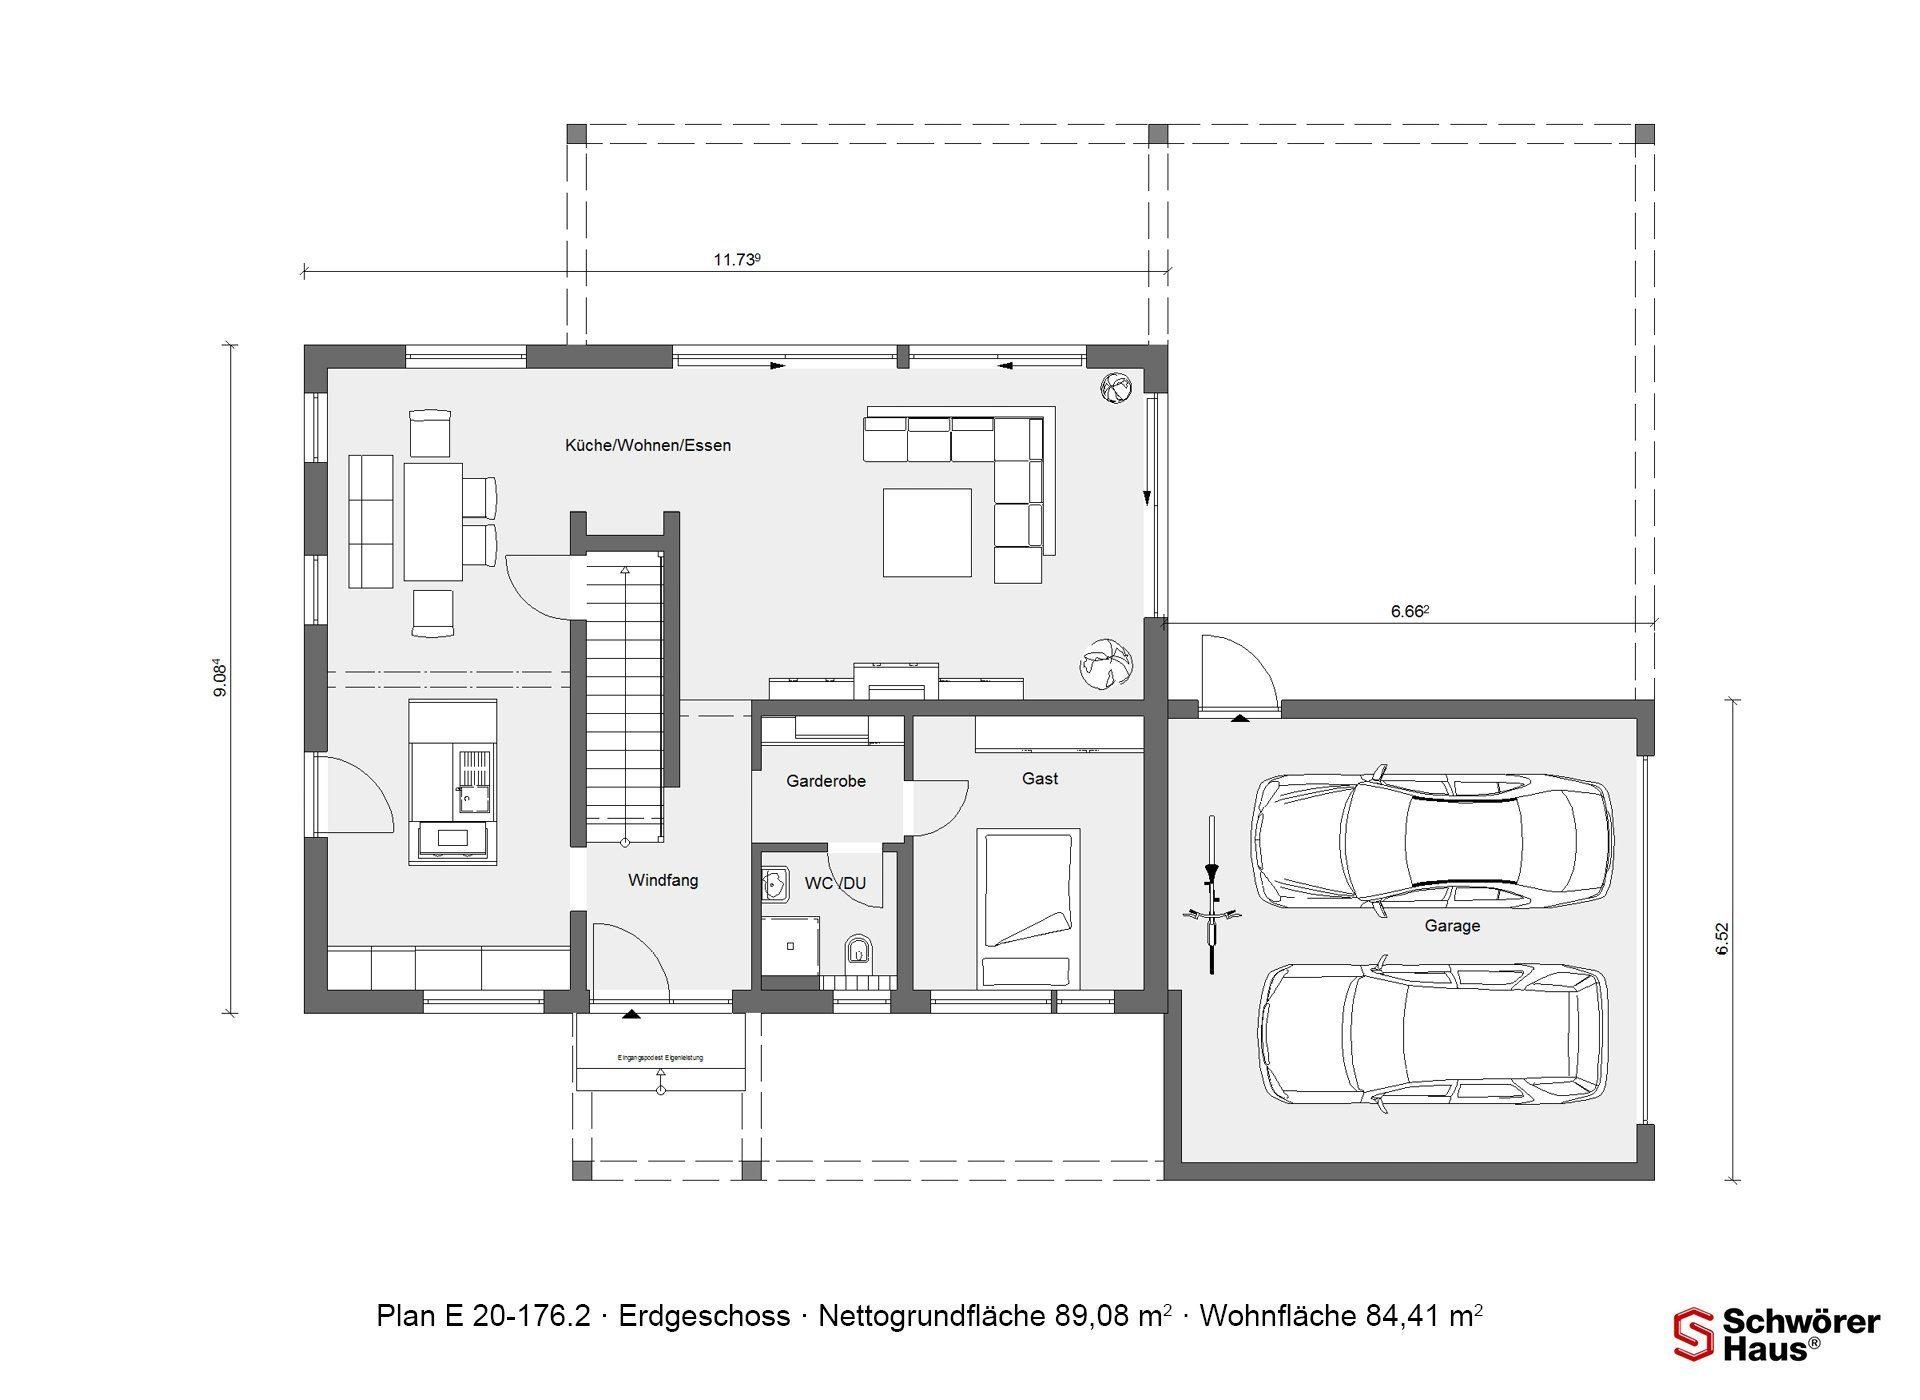 Plan E 20-167.1 - Eine Nahaufnahme von einer Karte - Gebäudeplan